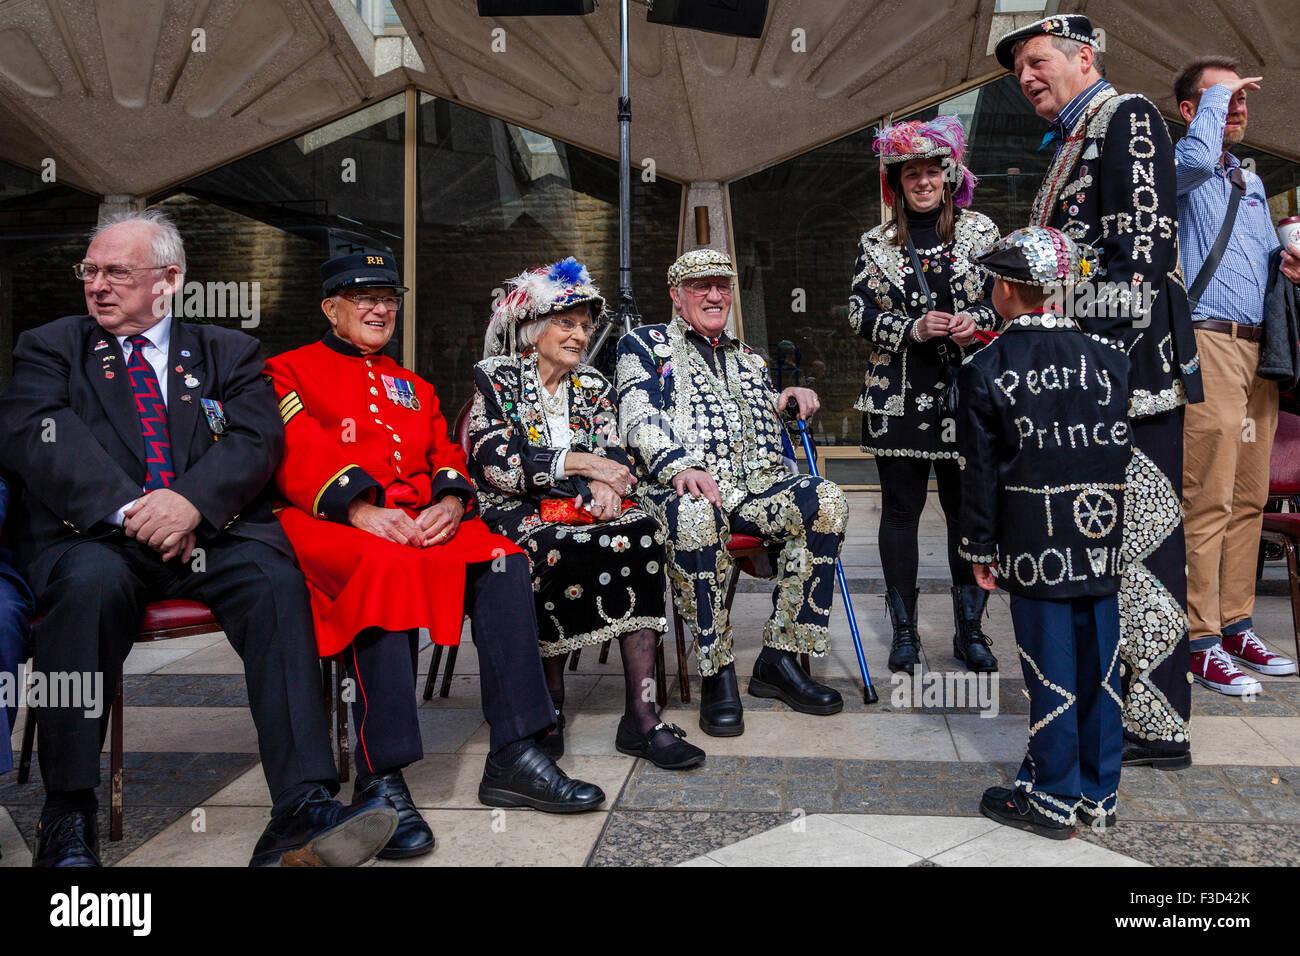 Pearly Kings & Königinnen und Chelsea Rentner an der jährlichen Pearly Kings und Queens zu ernten, Stockbild